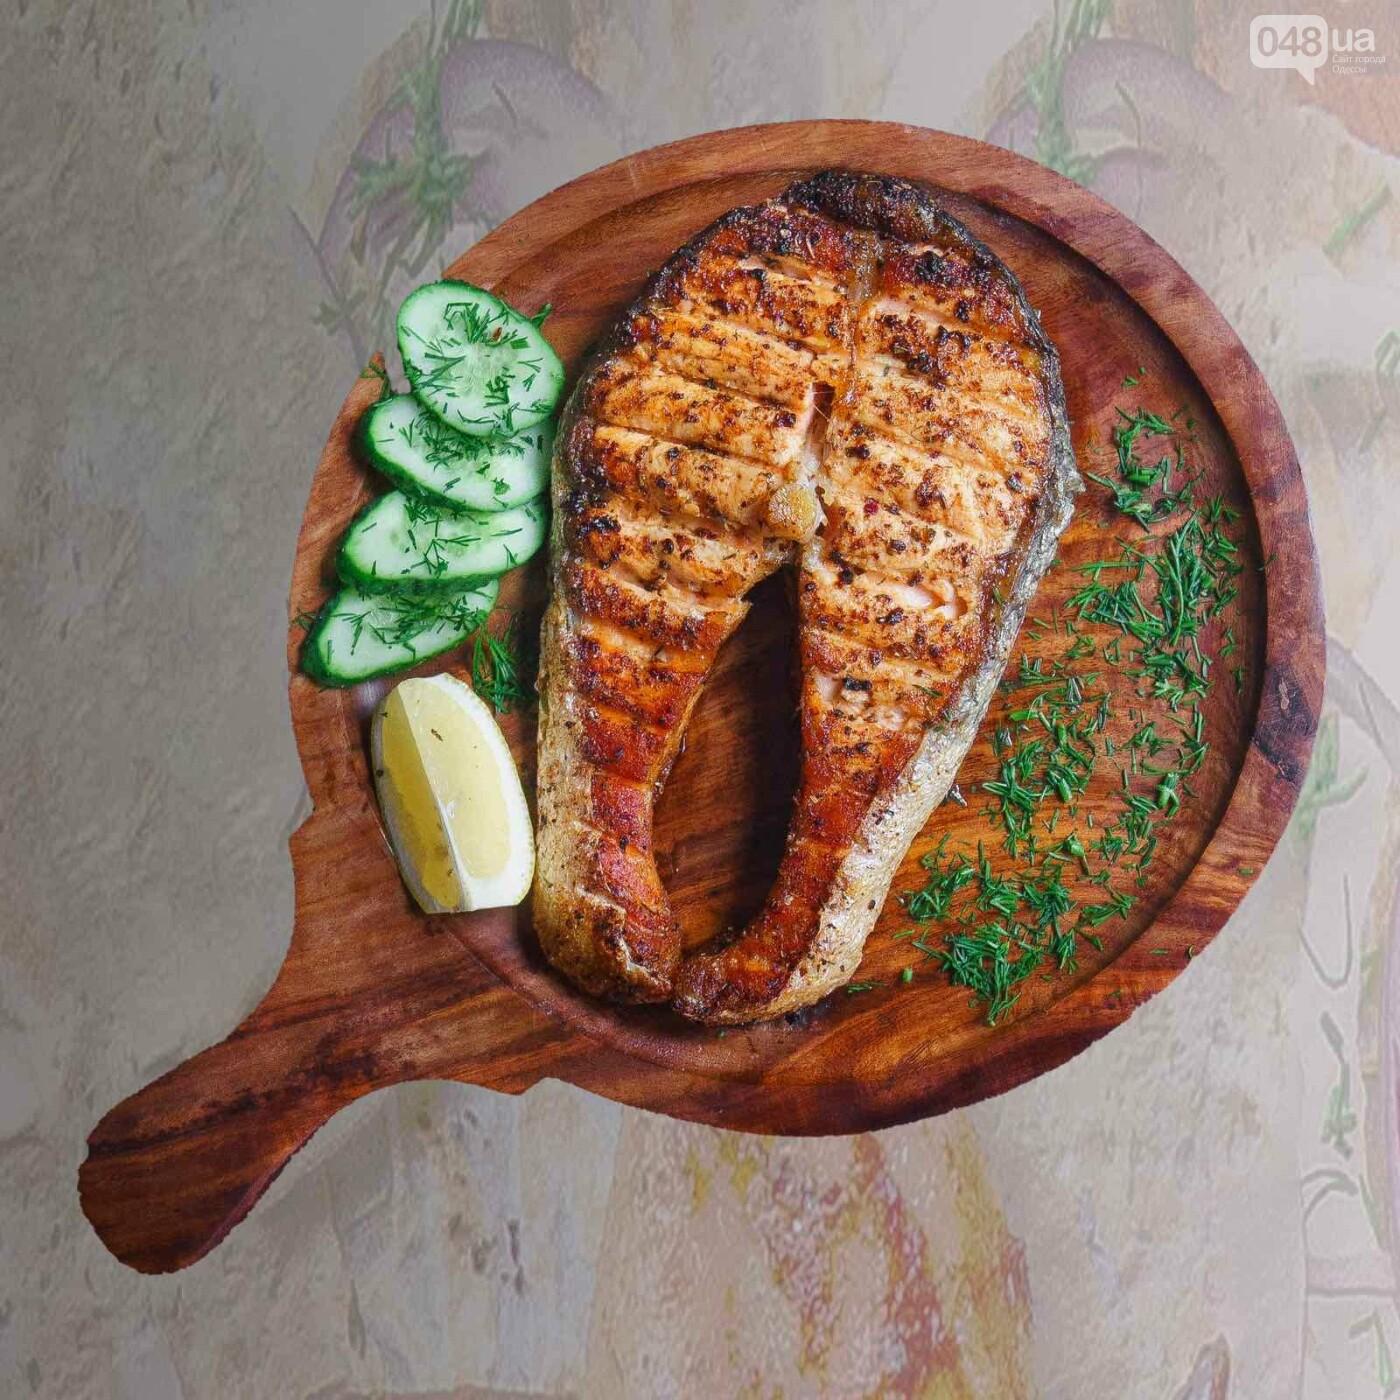 Доставка еды -популярные доставки Одессы, фото-57